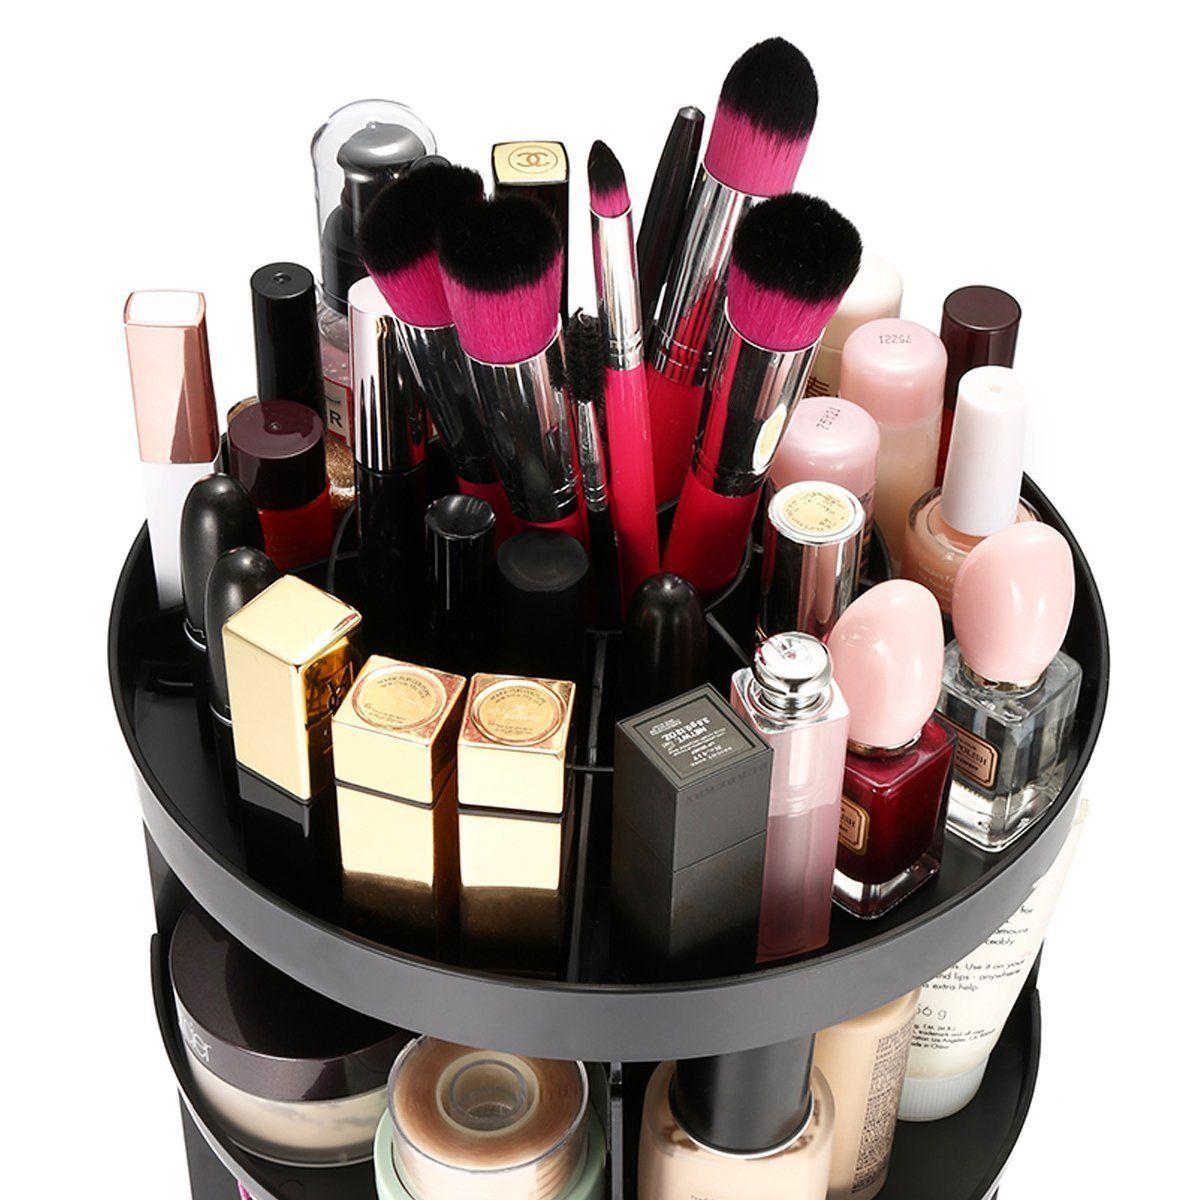 Rangement De Maquillage Baban Boite De Rangement Maquillage Pas Cher Amazon Ventes Pas Cher Com Boite Rangement Maquillage Rangements Maquillage Rangement Maquillage Pas Cher